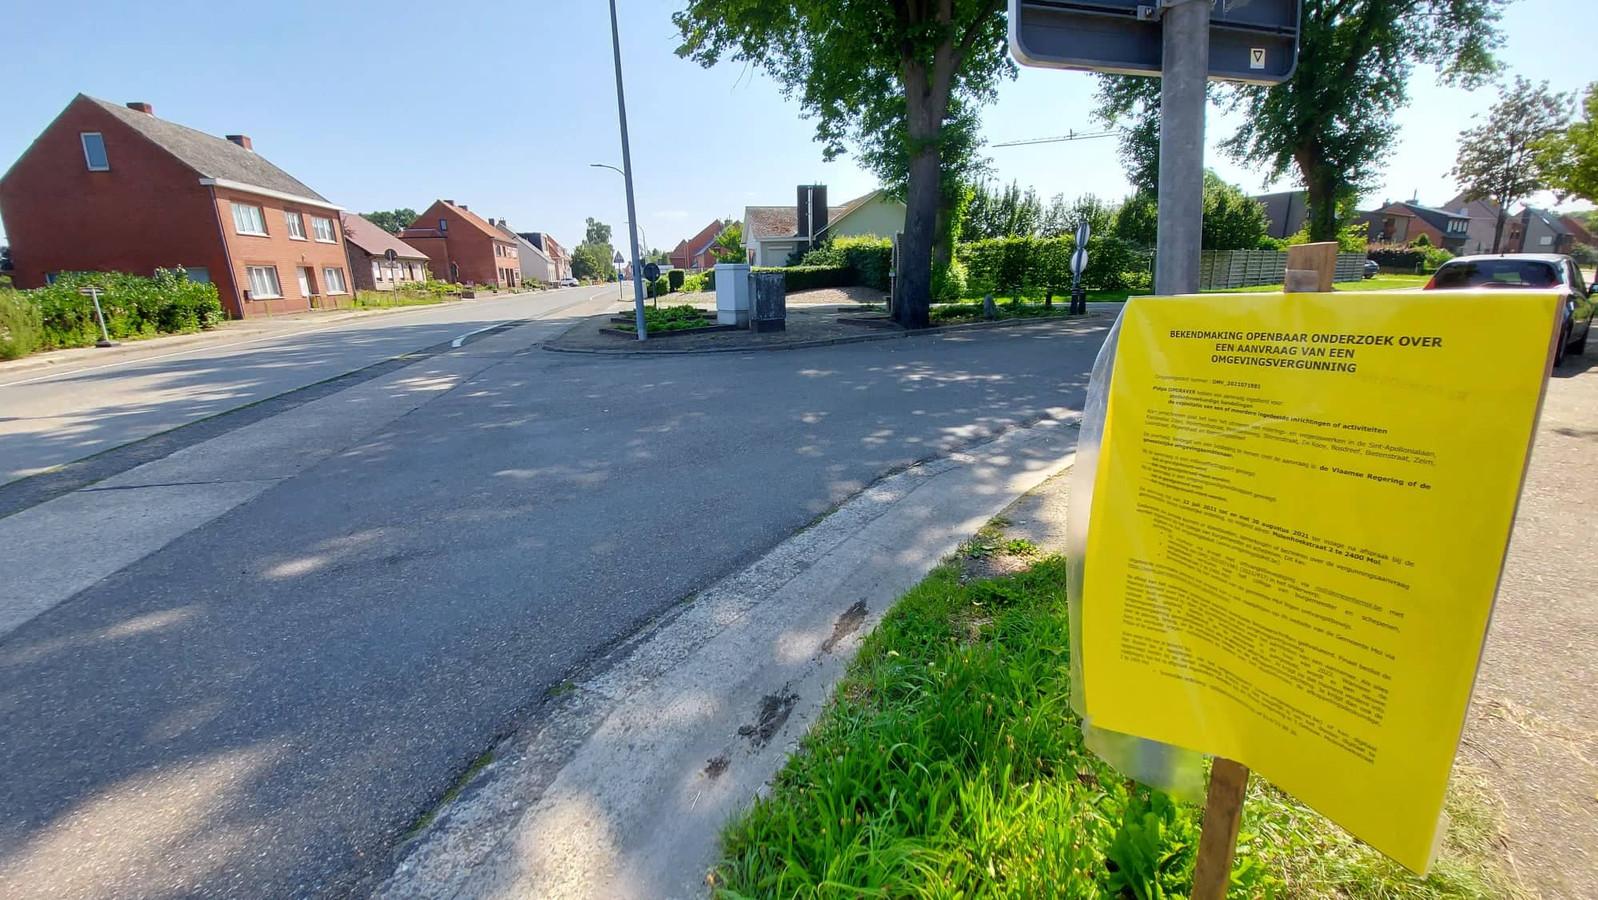 De gemeente Mol heeft een vergunningsaanvraag ingediend bij de Vlaamse overheid voor de grondige heraanleg van de Sint-Apollonialaan. Ook bovenstaand kruispunt met de Achterbos zal een ware metamorfose ondergaan.